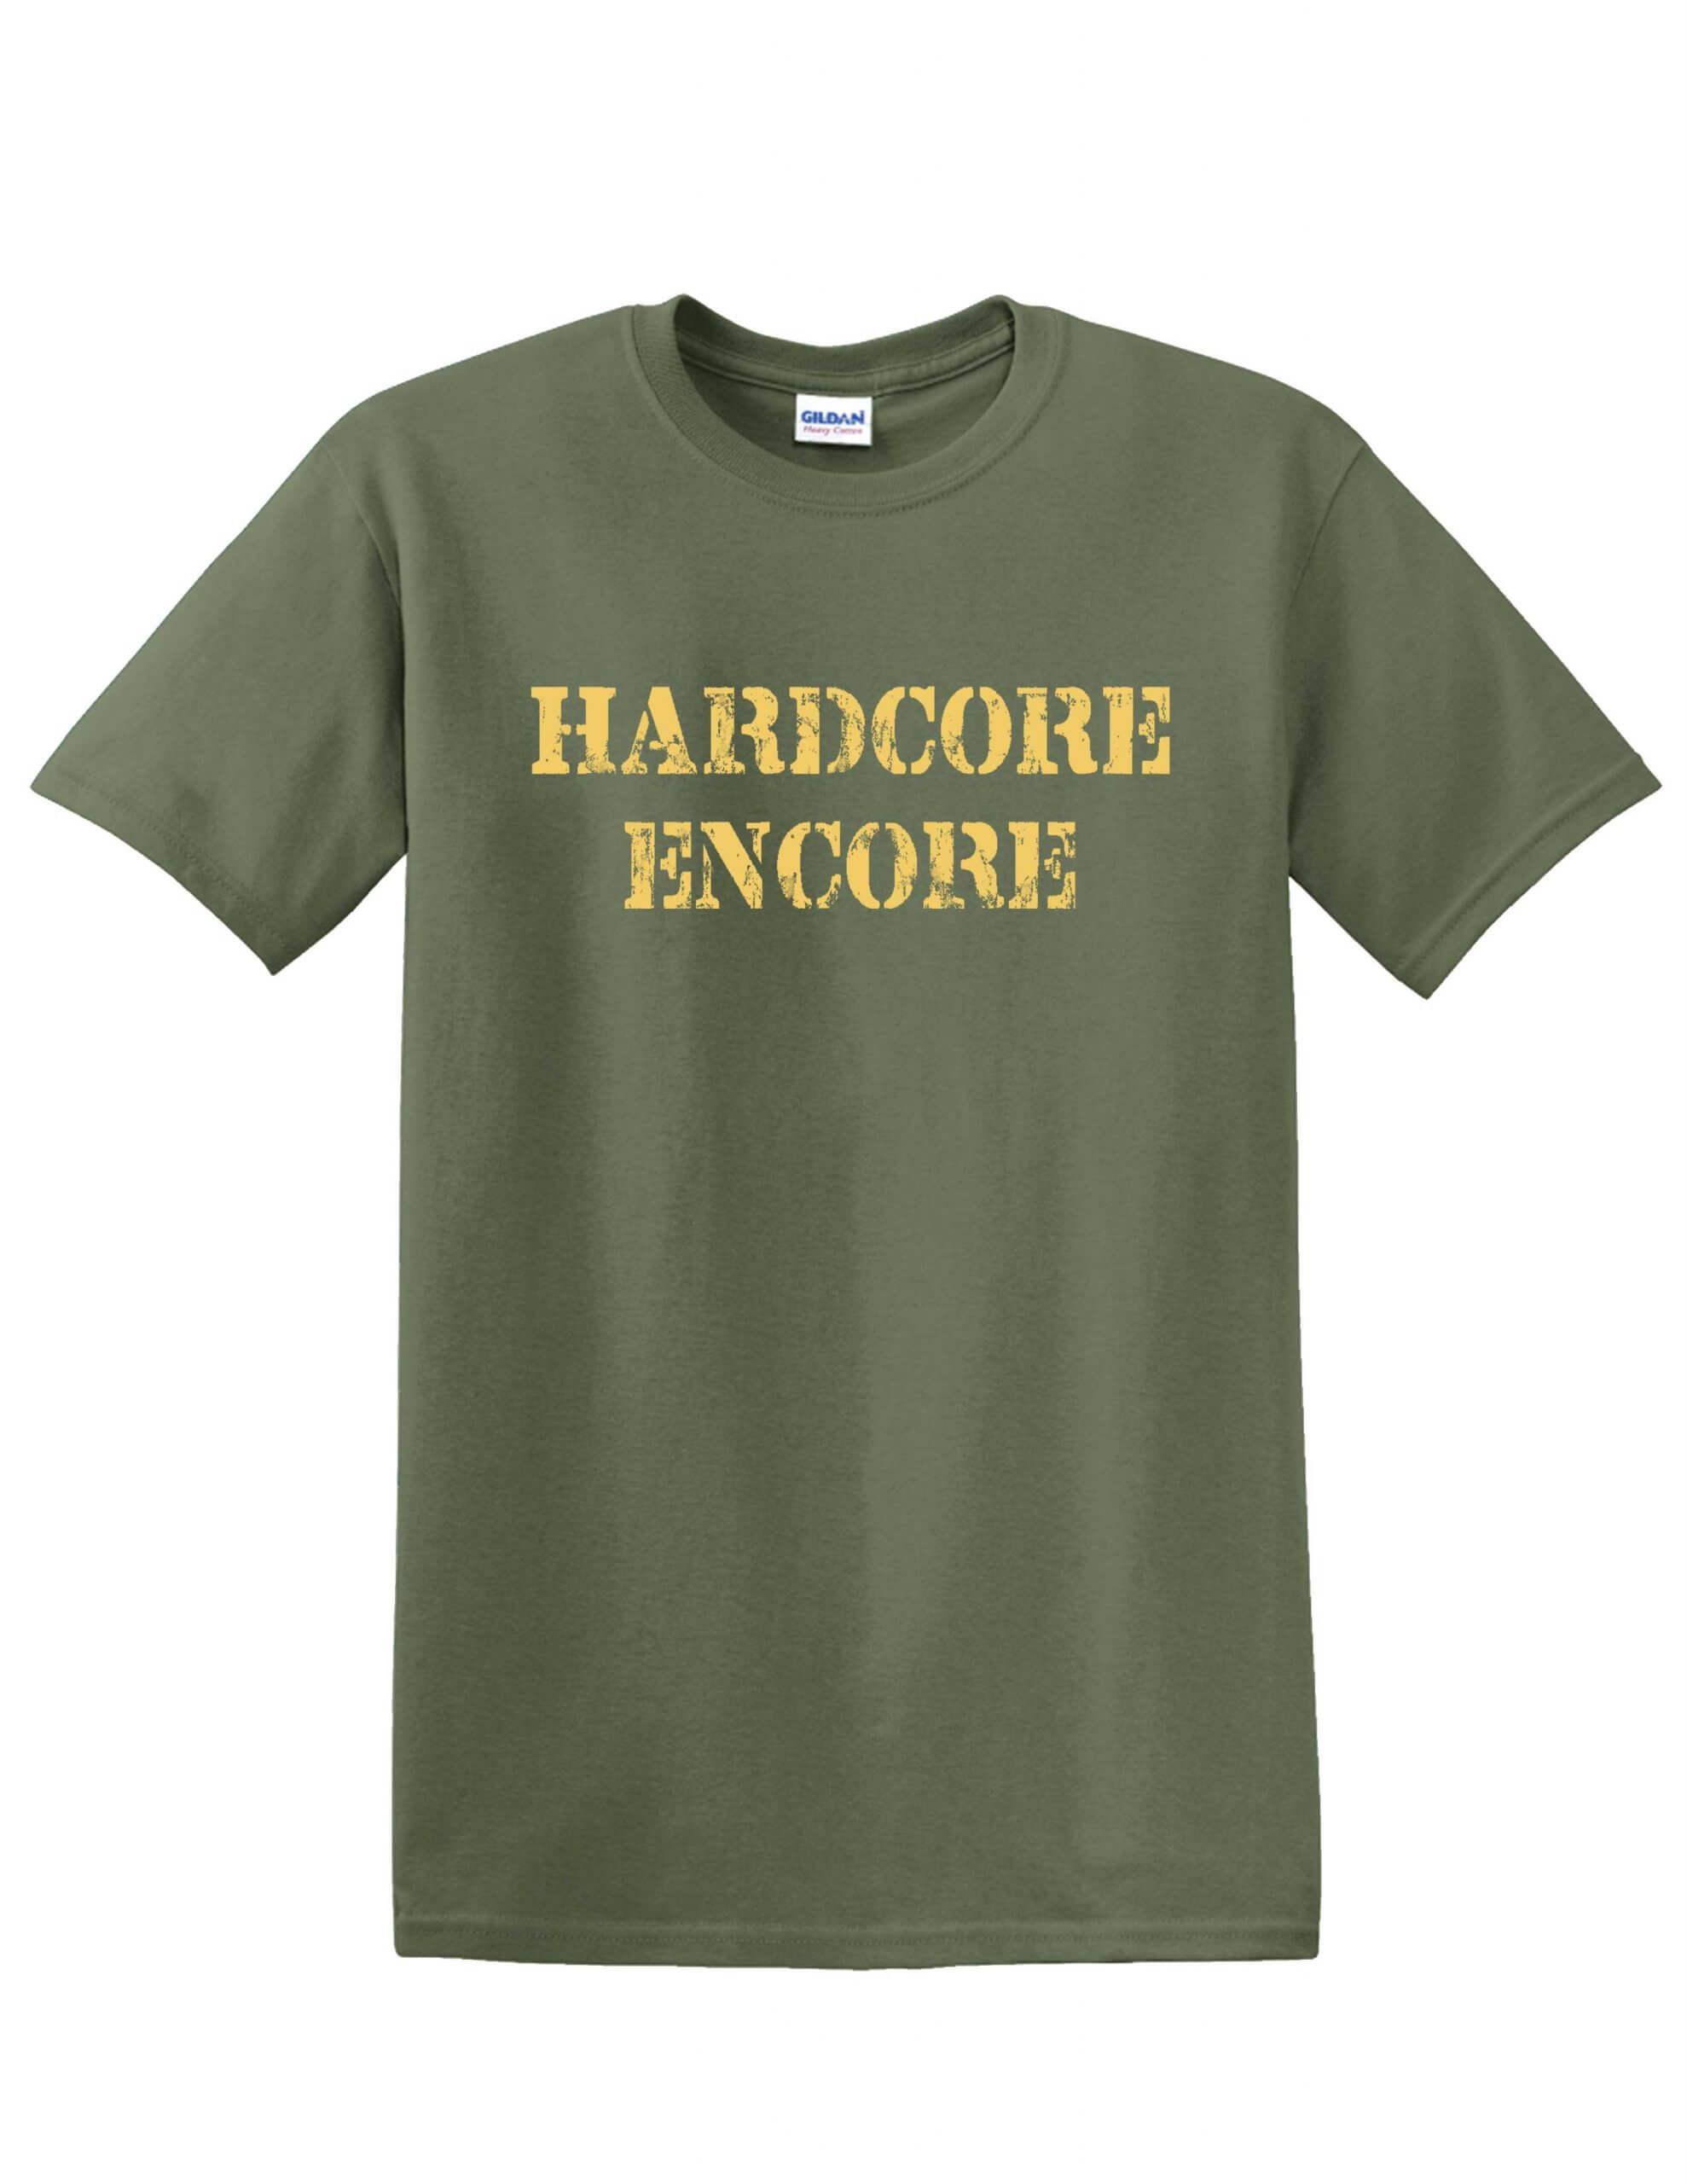 Hardcore Encore Tee